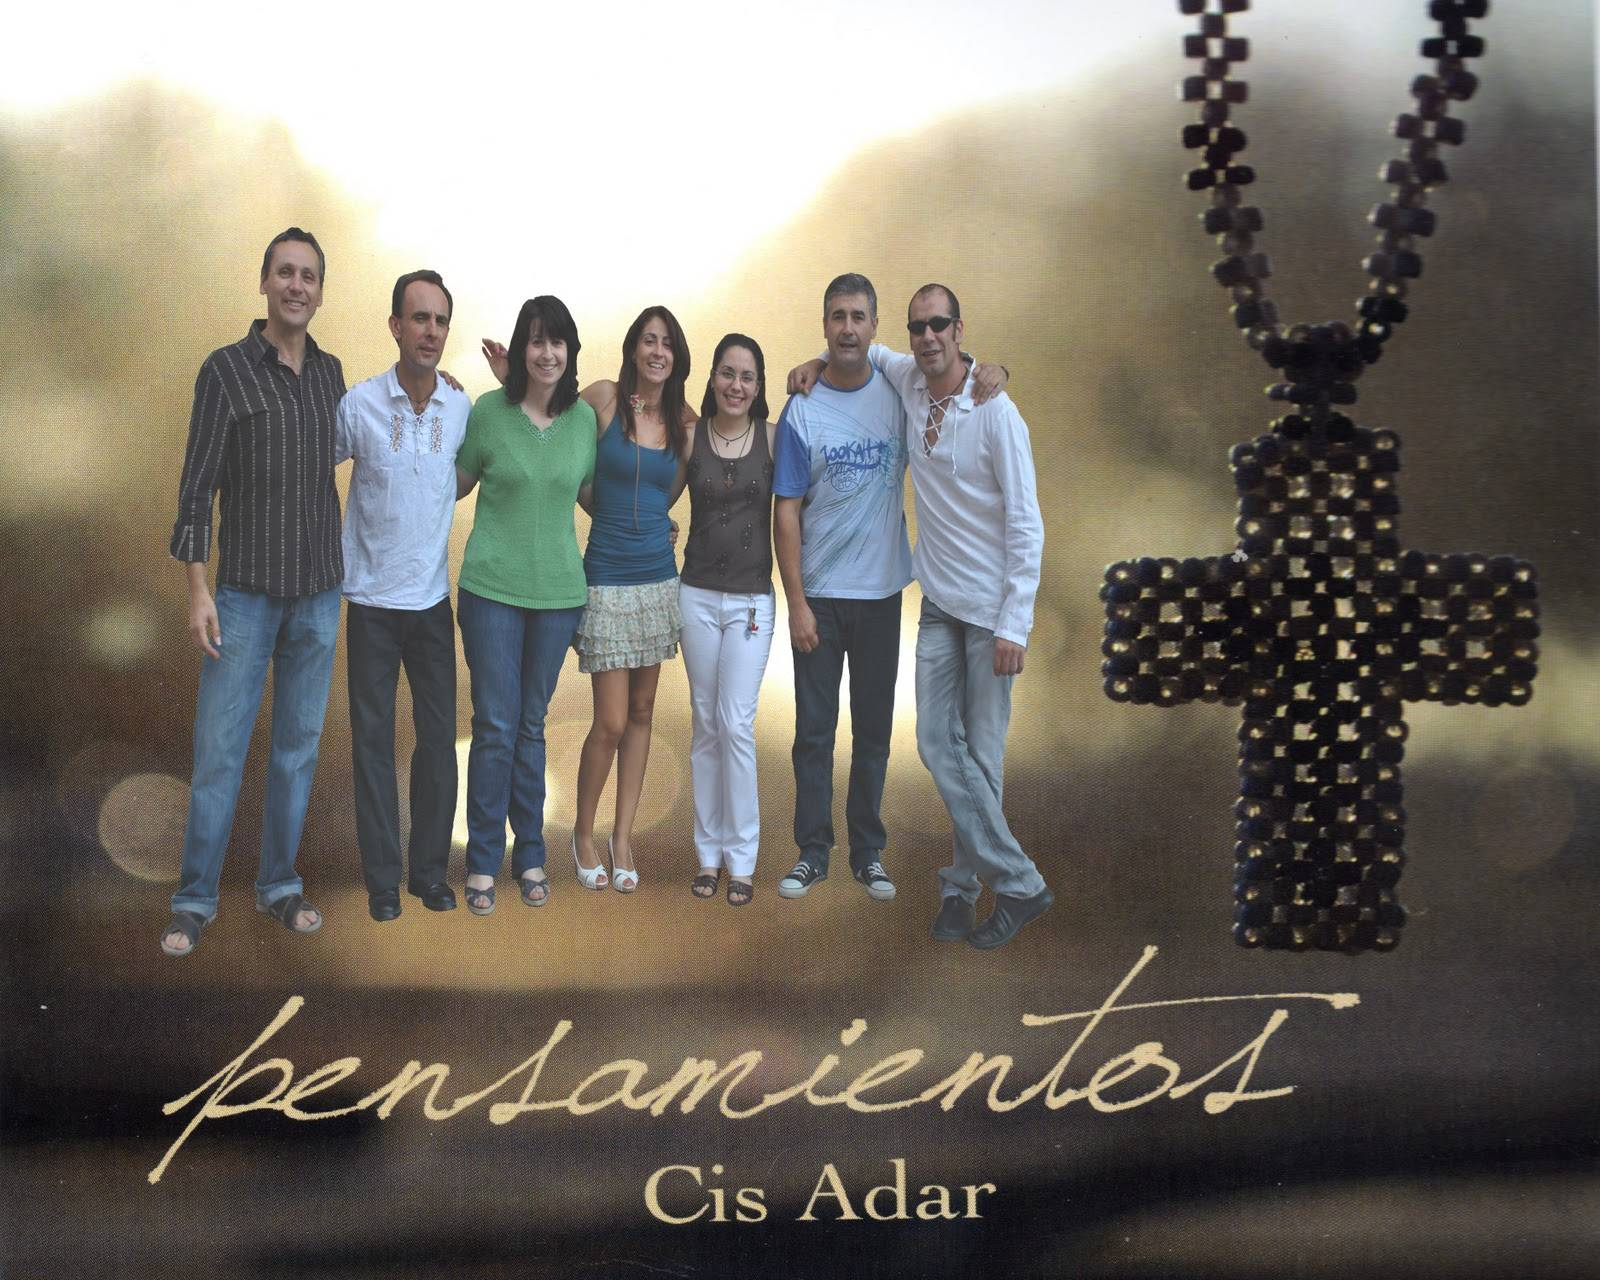 cis adar pensamientos - Cis Adar presenta su disco en el teatro Cervantes de Campo de Criptana